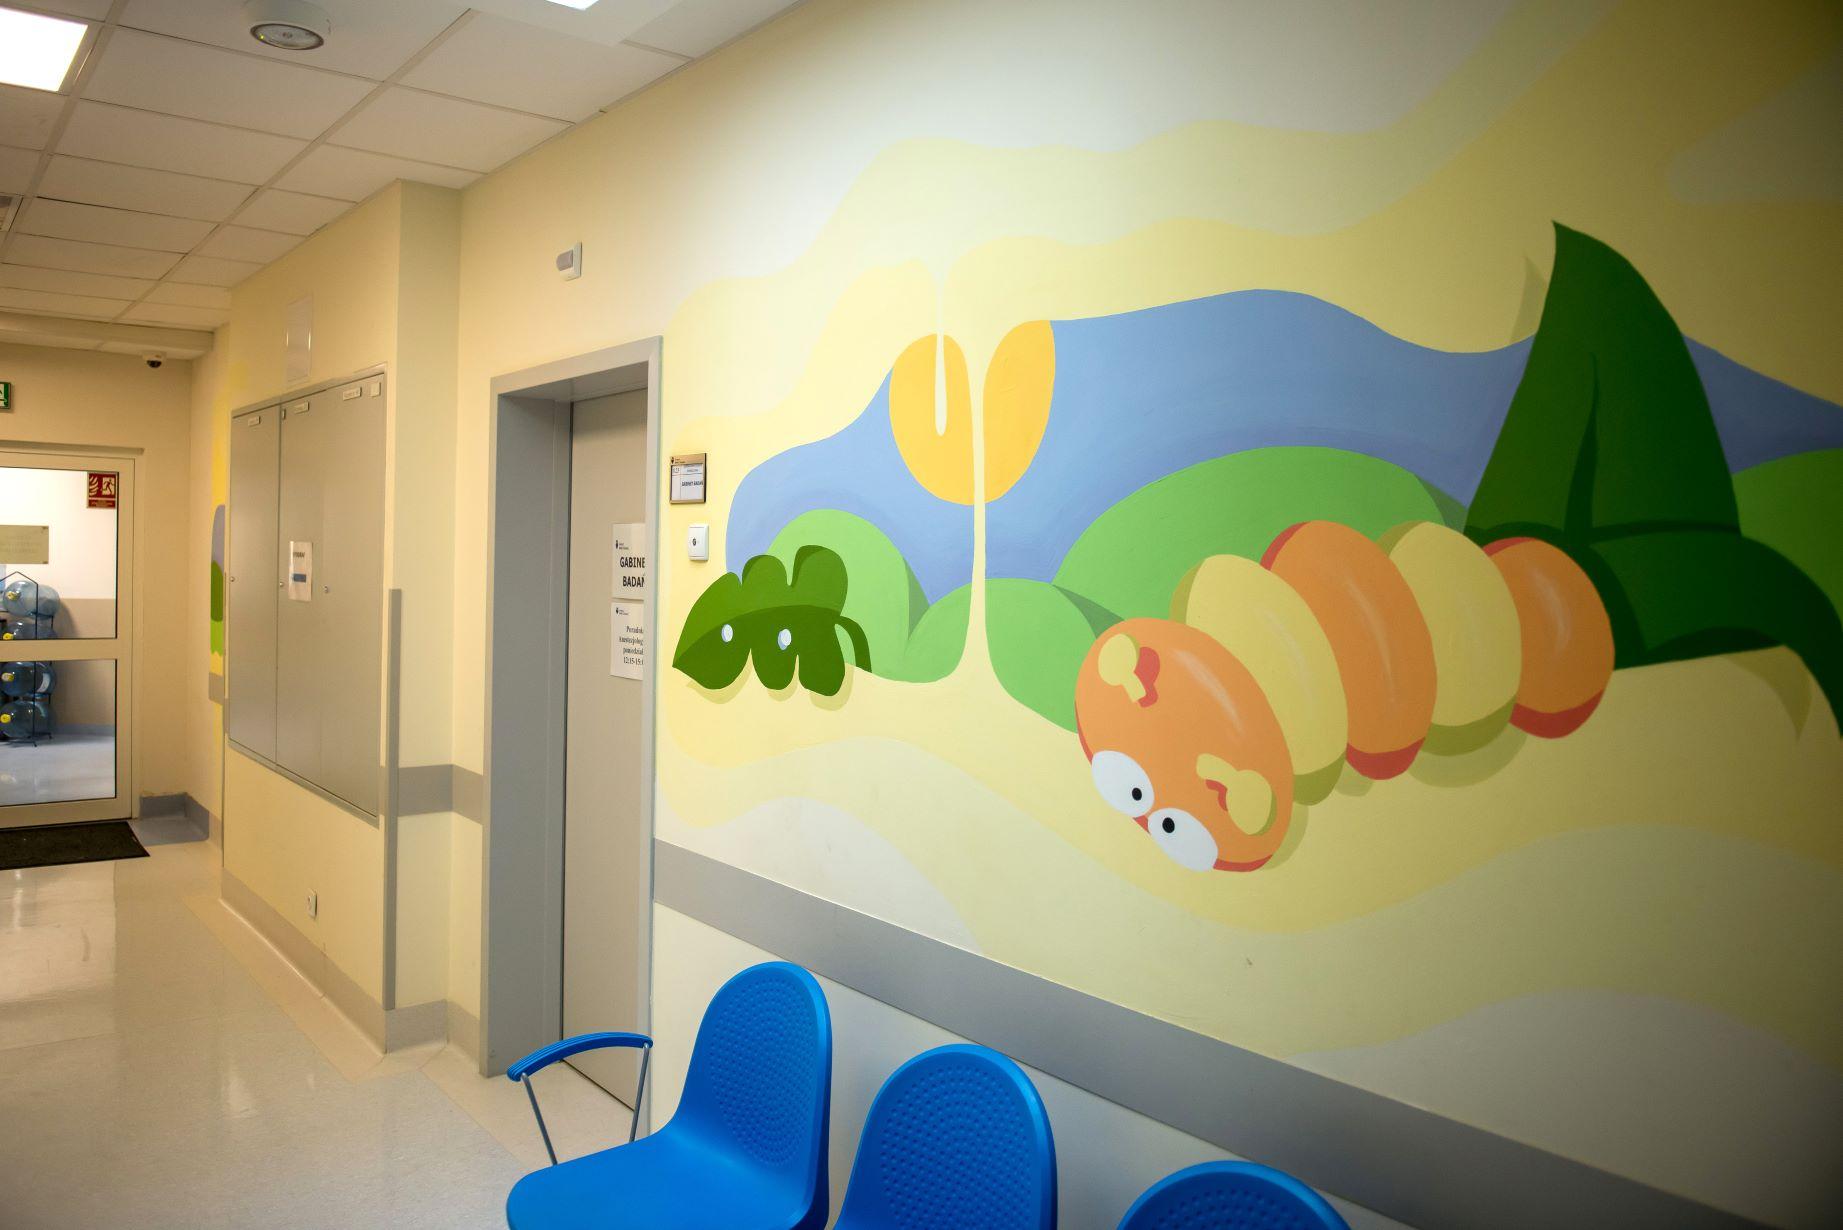 08 IMiD Korytarz w Instytucie z muralami